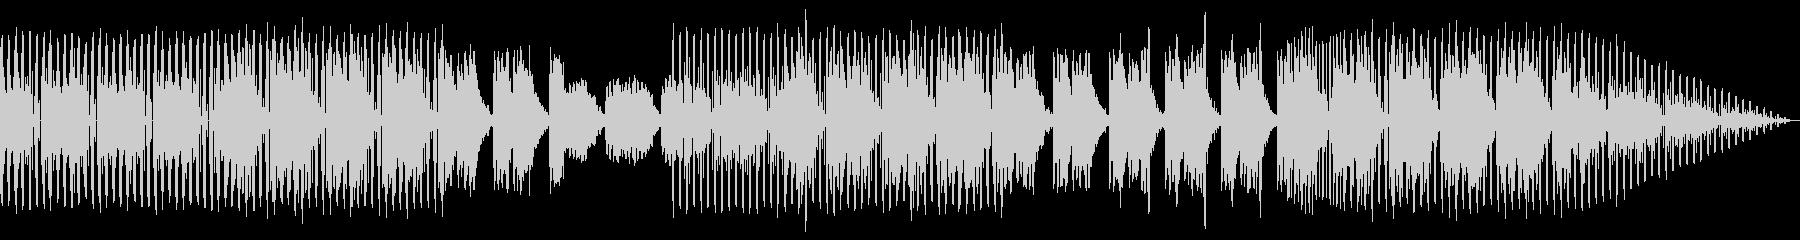 フレンチハウス。ファンキーの未再生の波形